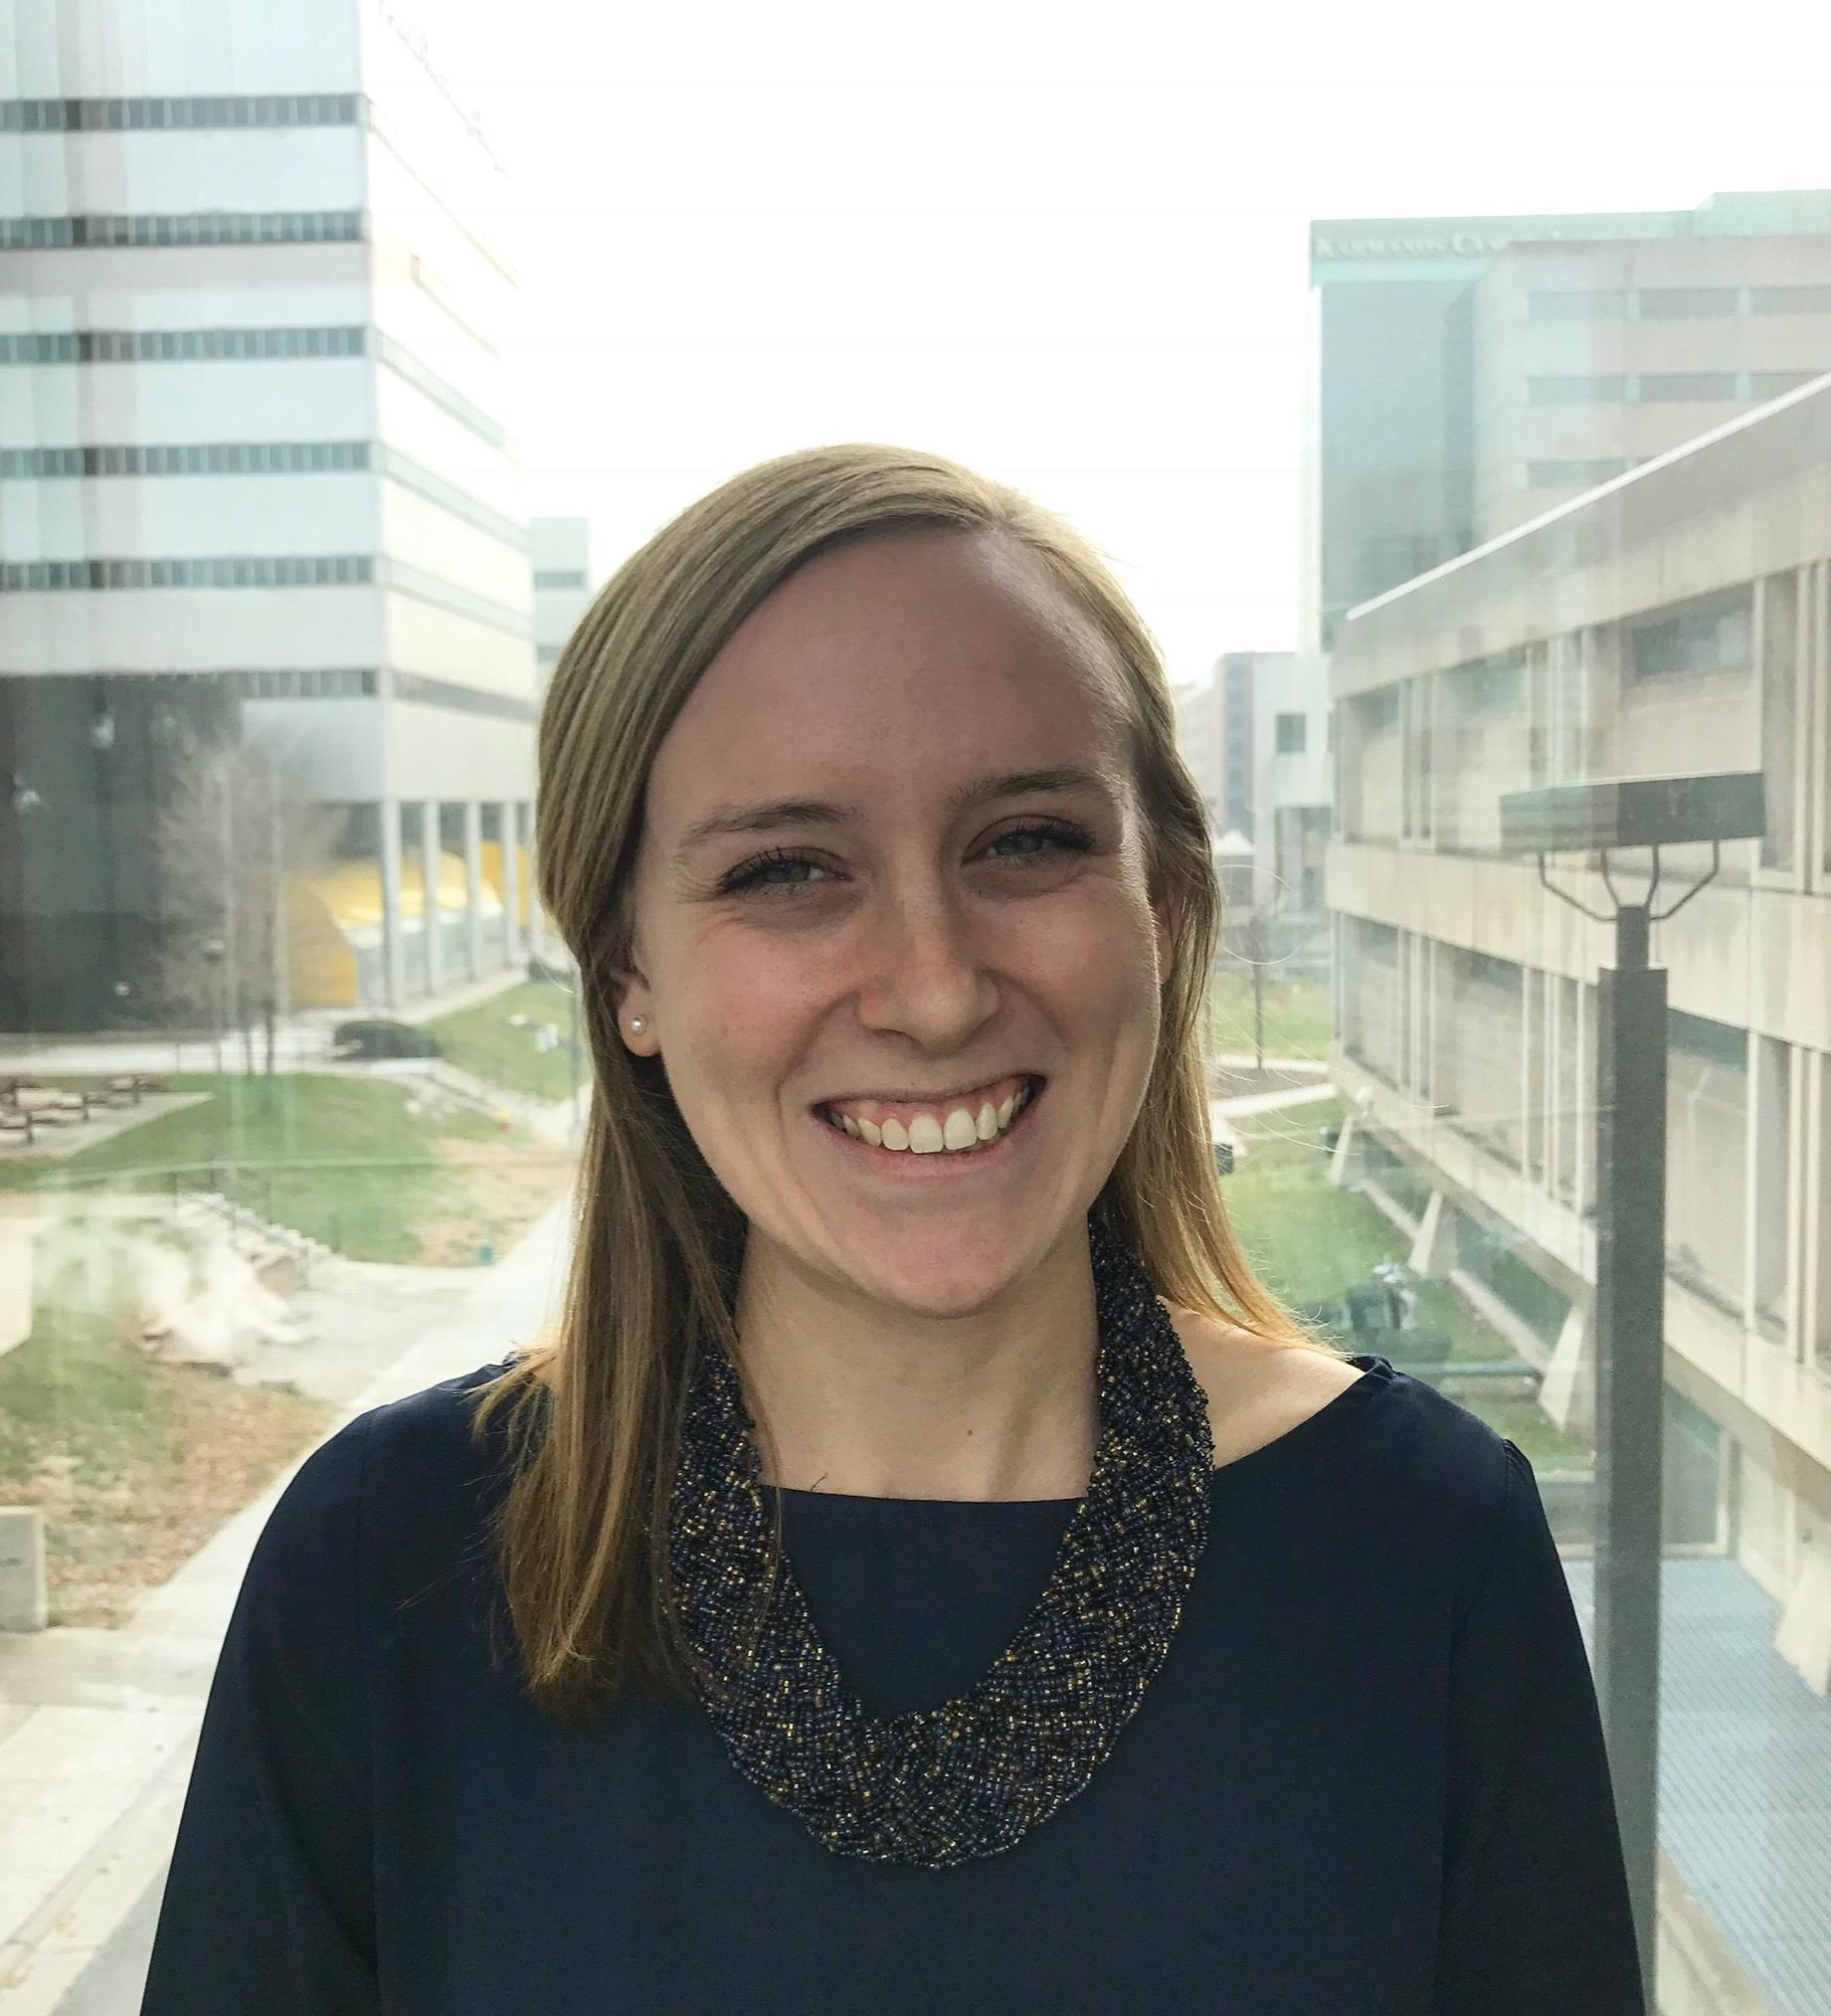 Anneliese Petersen, MS2  Vice President of Internal Affairs Anneliese.petersen@med.wayne.edu